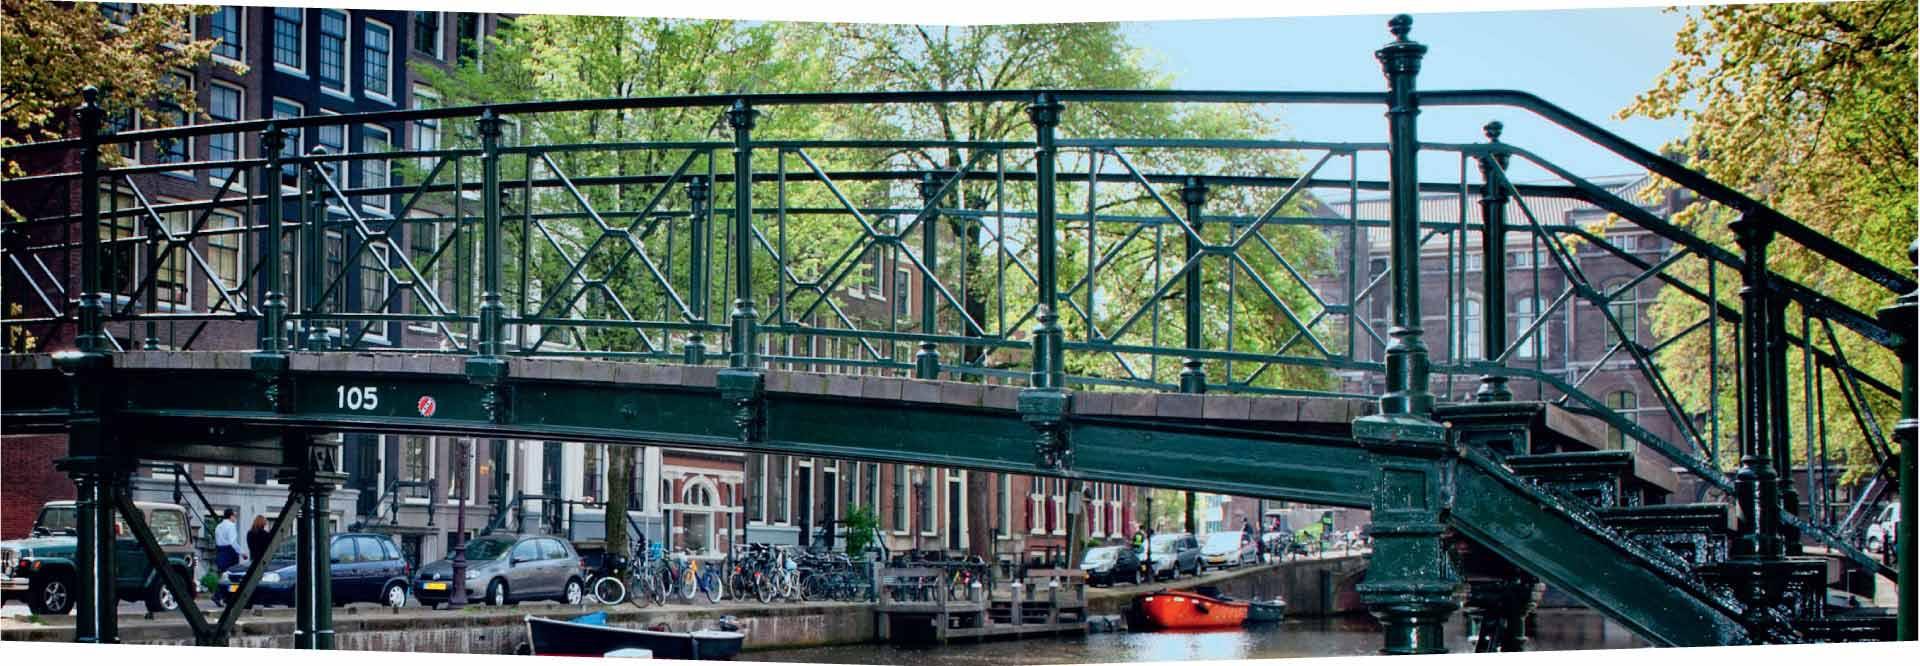 Renovatie brug Amsterdam door Ovec Multiservice